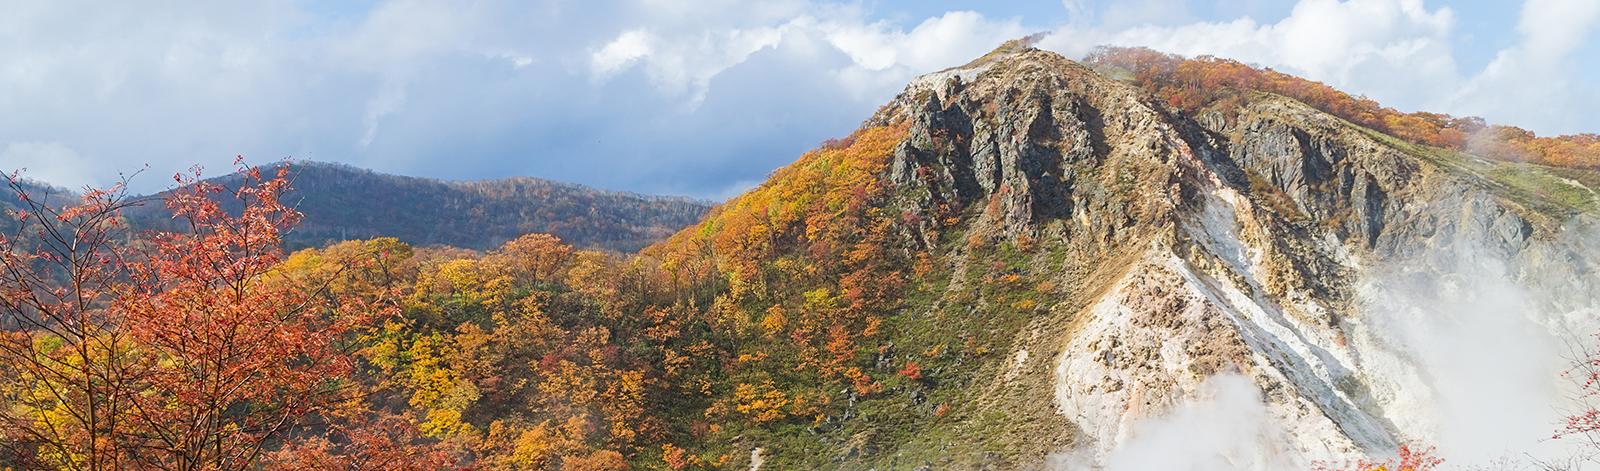 Noboribetsu Onsen in Autumn - Hokkaido, Japan